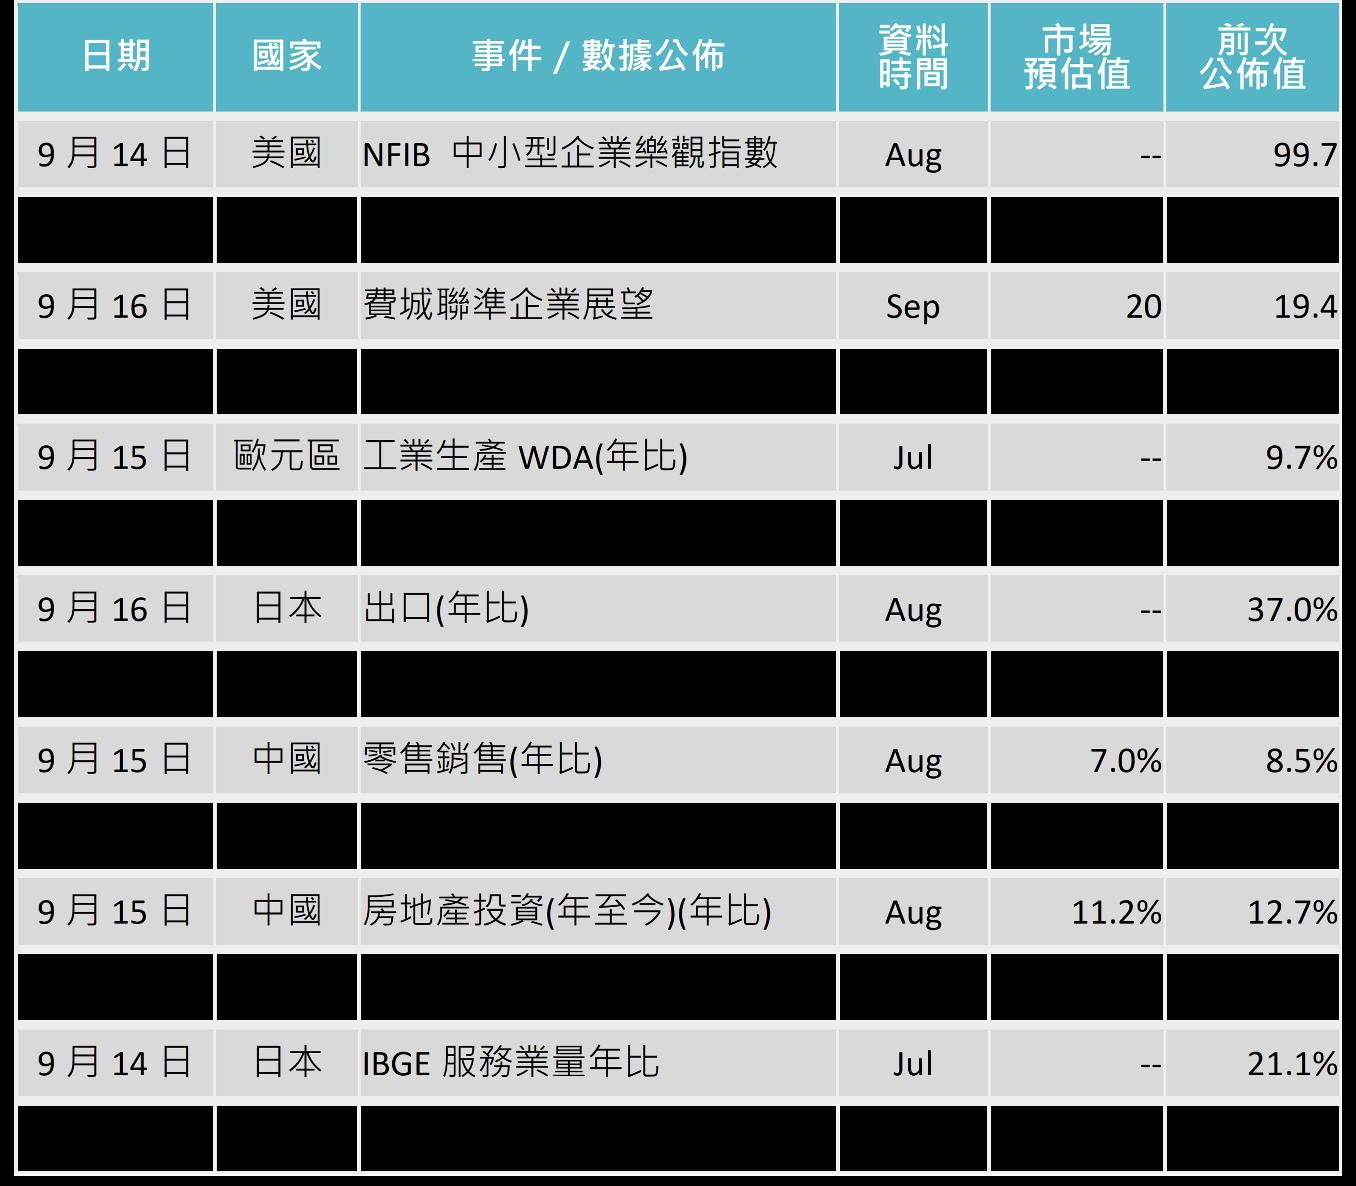 鉅亨買基金投資週報─本週關鍵數據行事曆